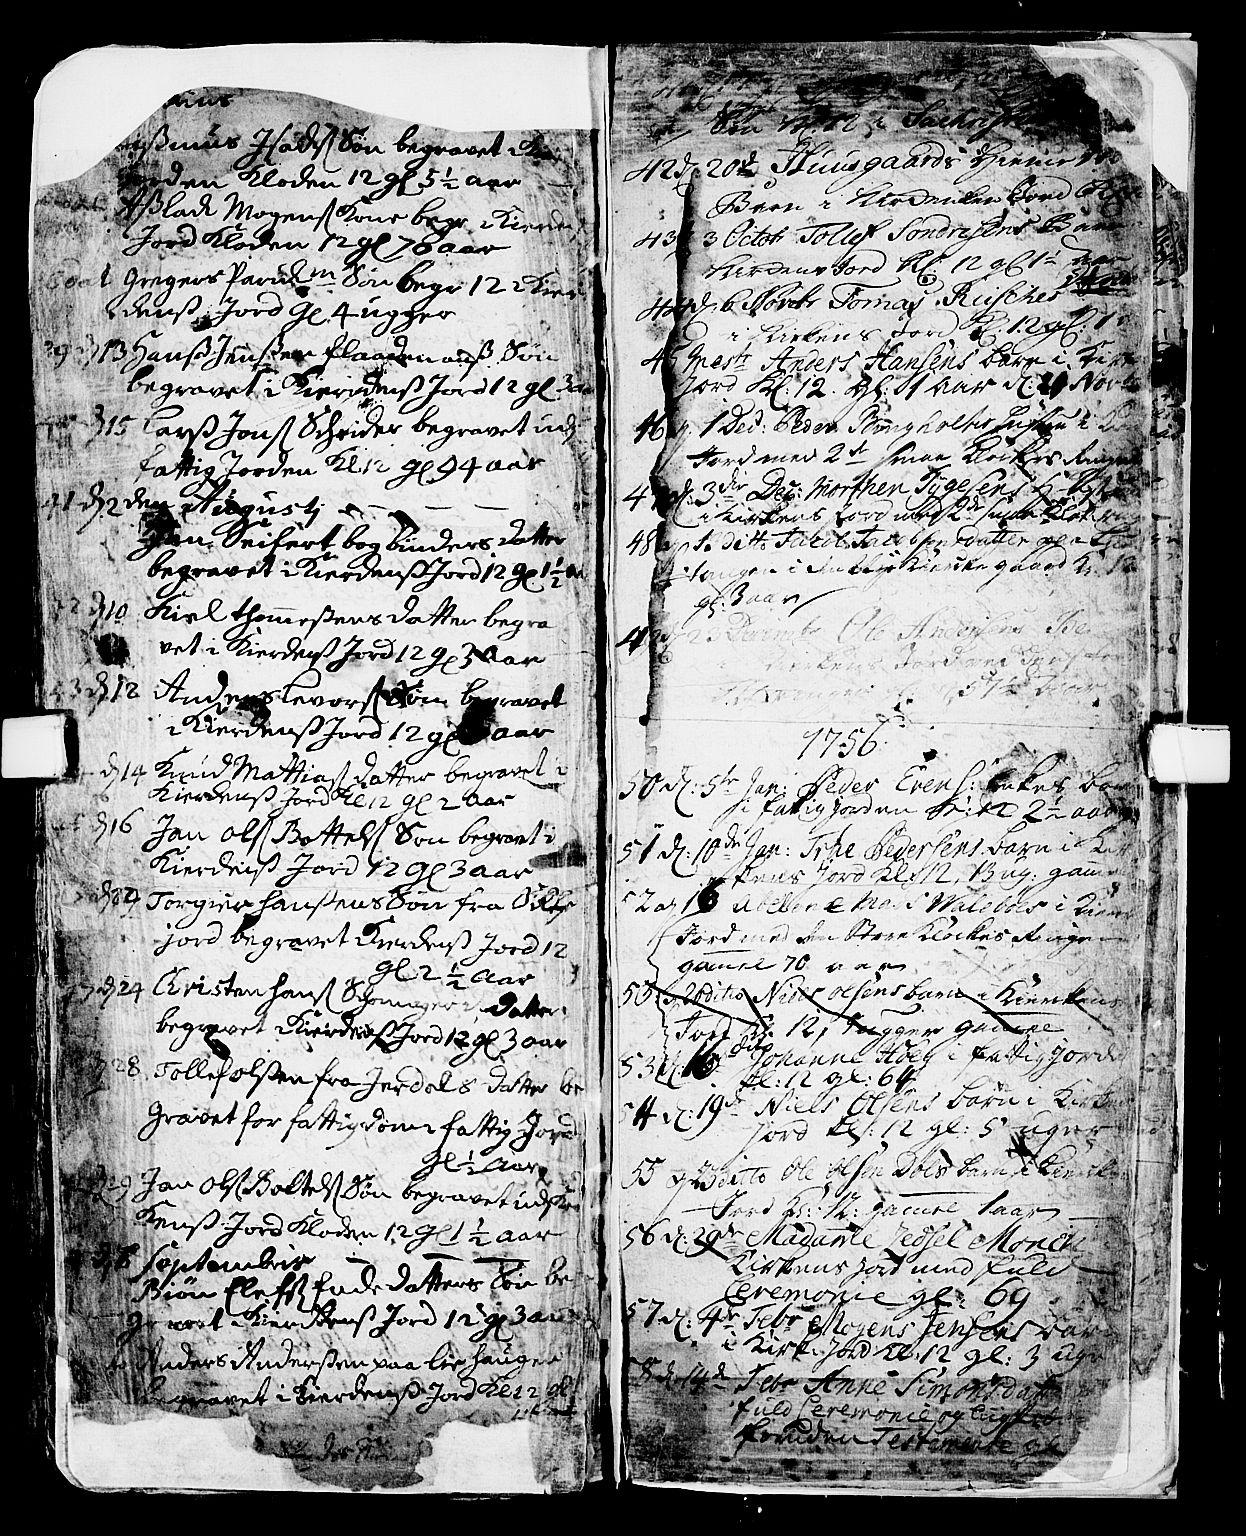 SAKO, Skien kirkebøker, F/Fa/L0002: Ministerialbok nr. 2, 1716-1757, s. 239